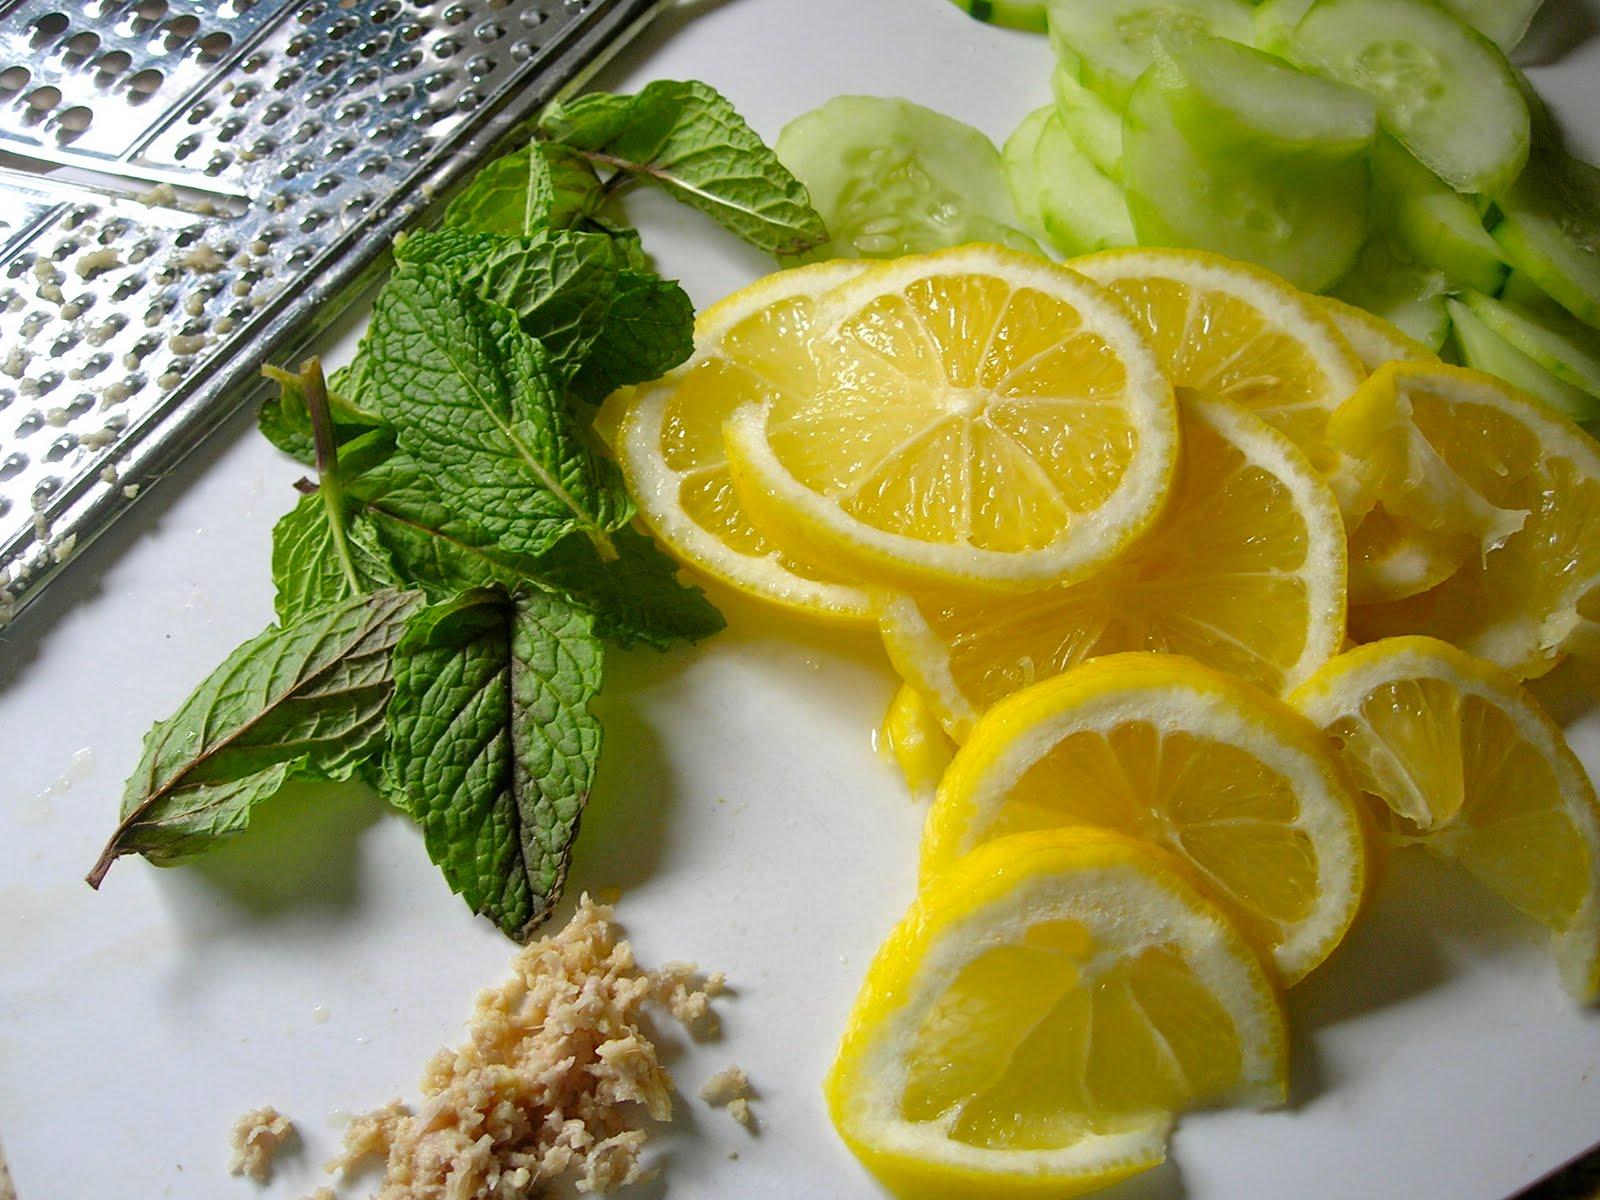 Вода лимон и мята для похудения отзывы фото